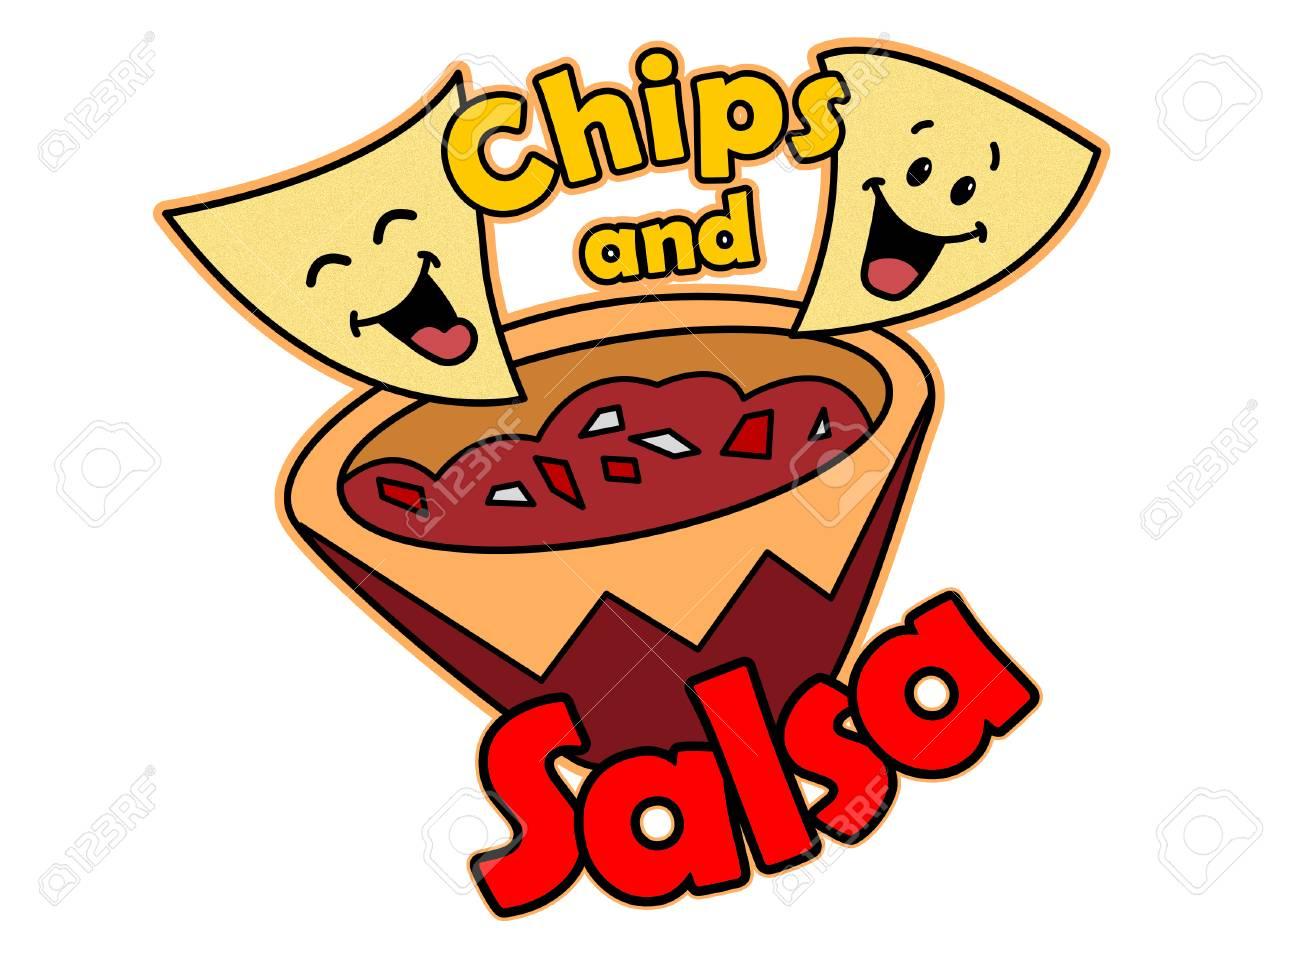 A Cartoon of Tortilla Chips and Salsa.